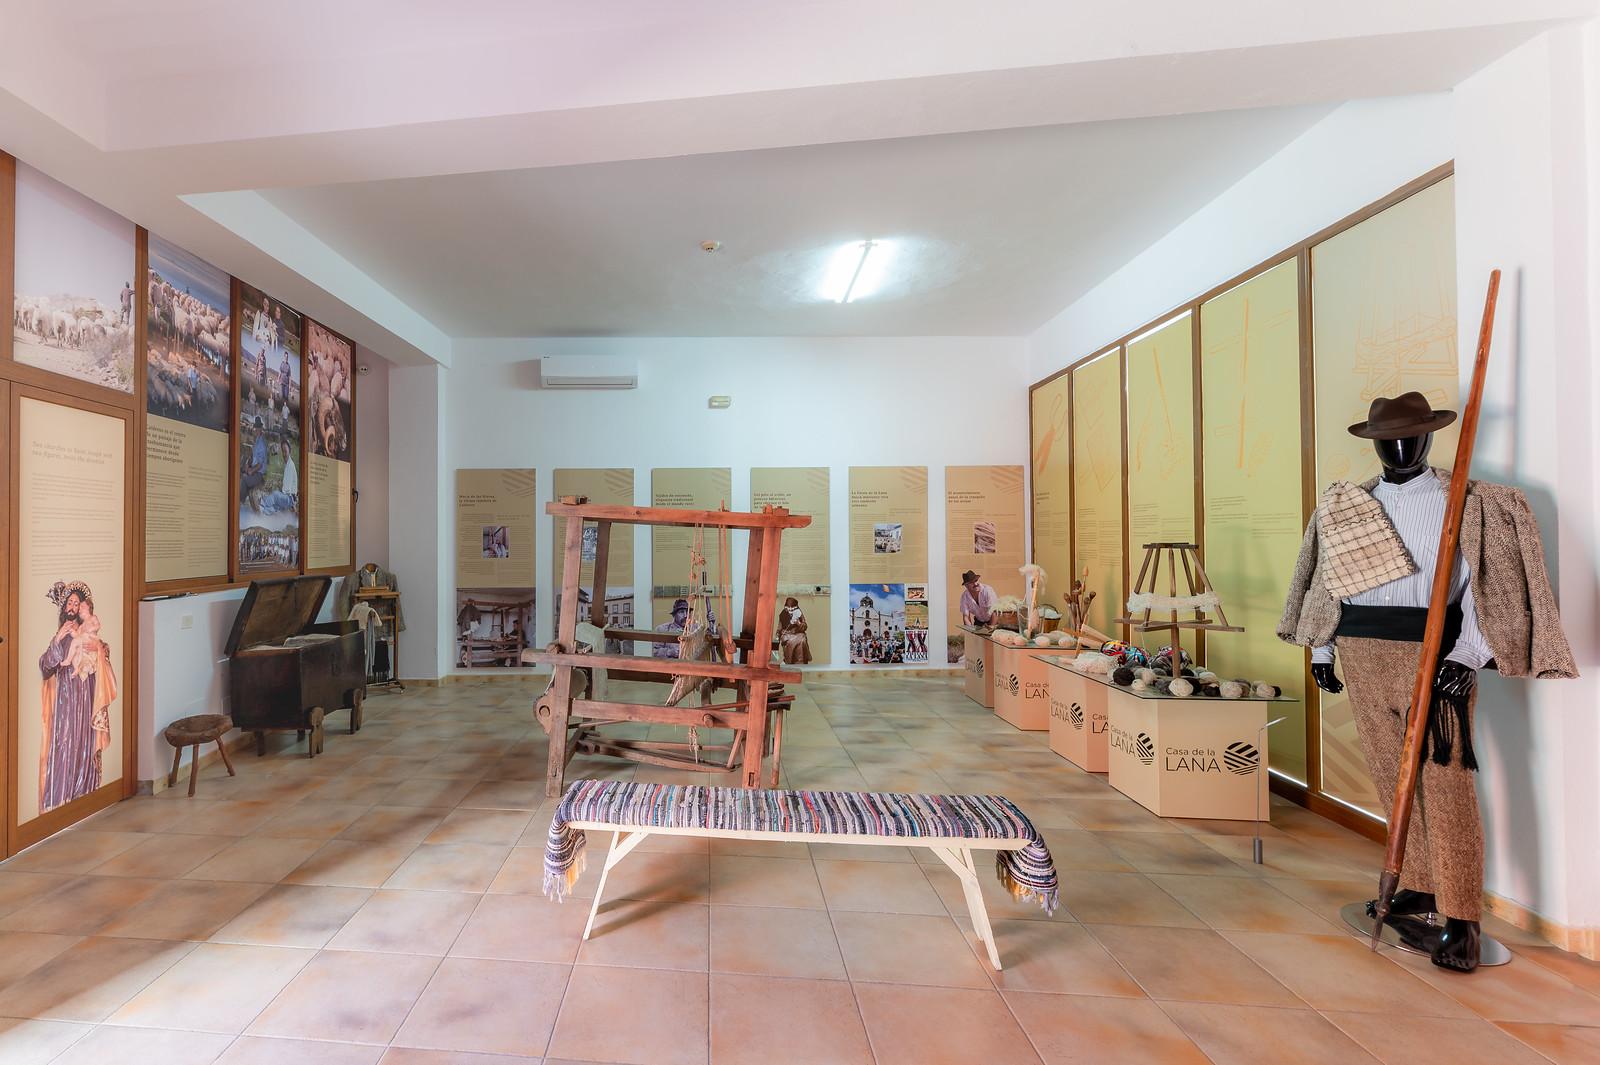 Centro de Interpretación Casa de la Lana